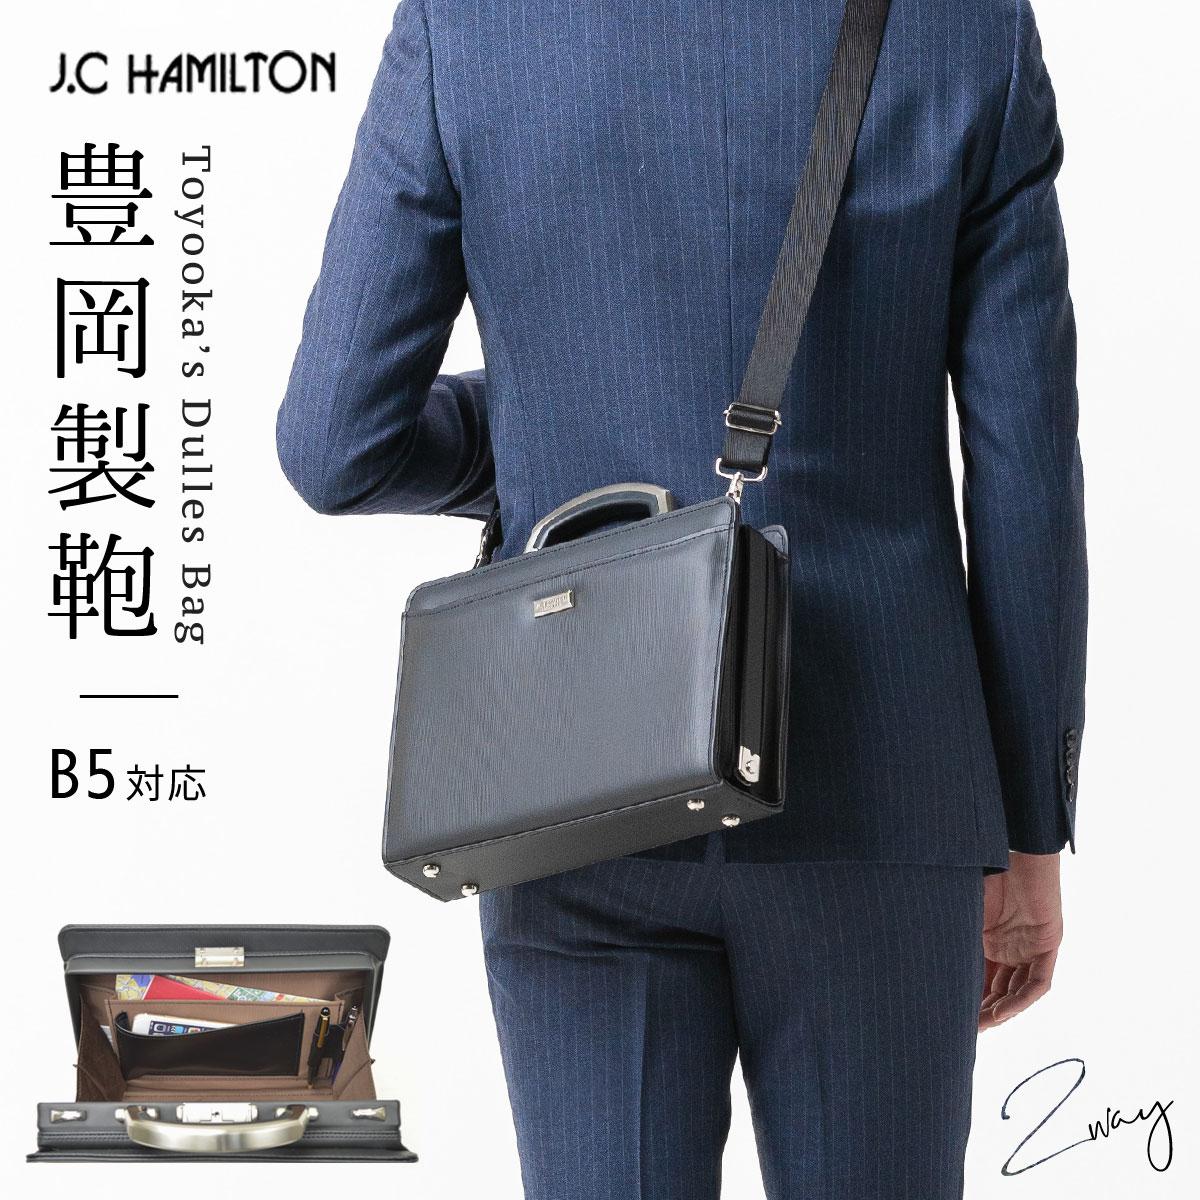 【最大10%OFFクーポン】ビジネスバッグ メンズ b5 ブリーフケース ジェイシー ハミルトン アーバンシリーズ B5 大開きミニダレス 黒 22340 メンズファッション ギフト プレゼント 贈り物